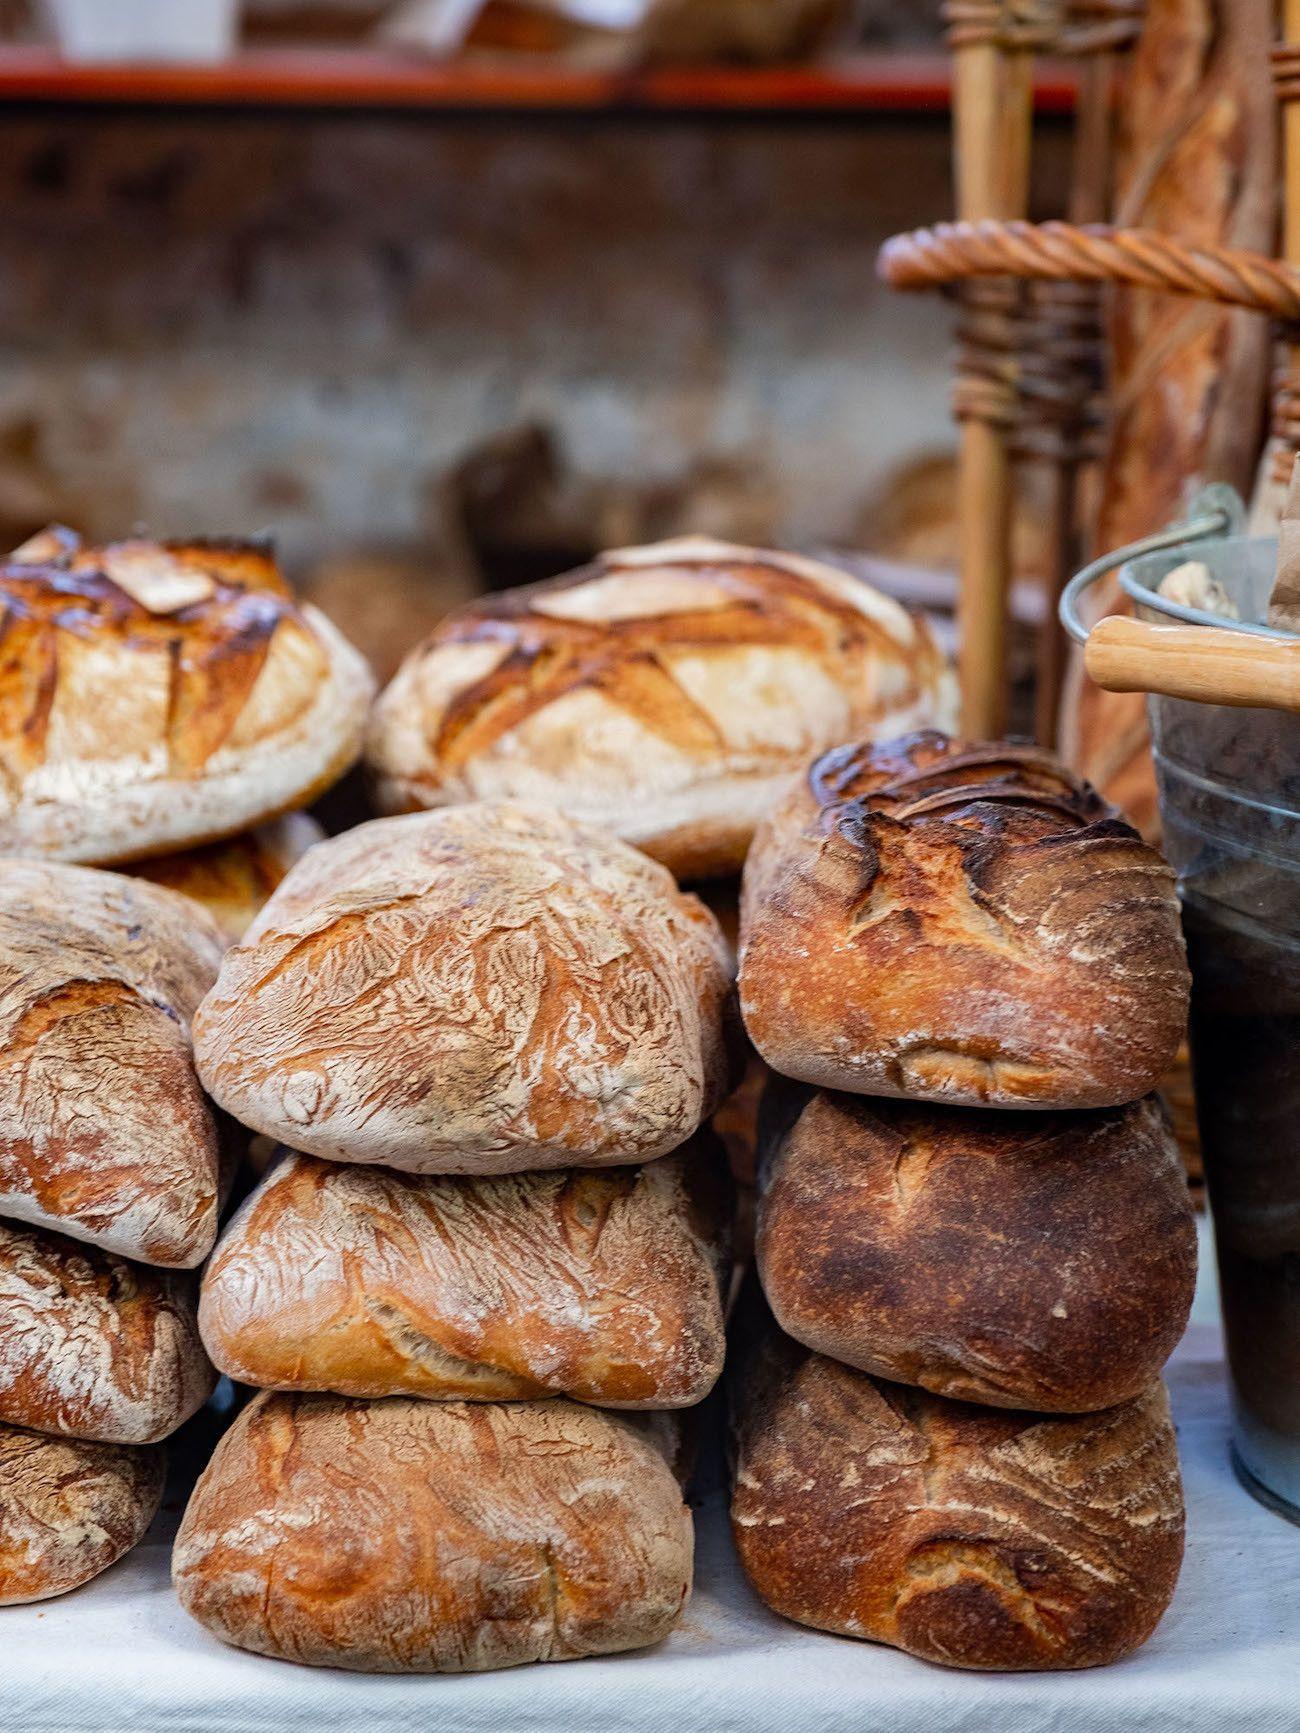 Frühstücks - und Brunch Guide für Kapstadt, Old Biscuit Mill, Neighborgoods Market, Brot